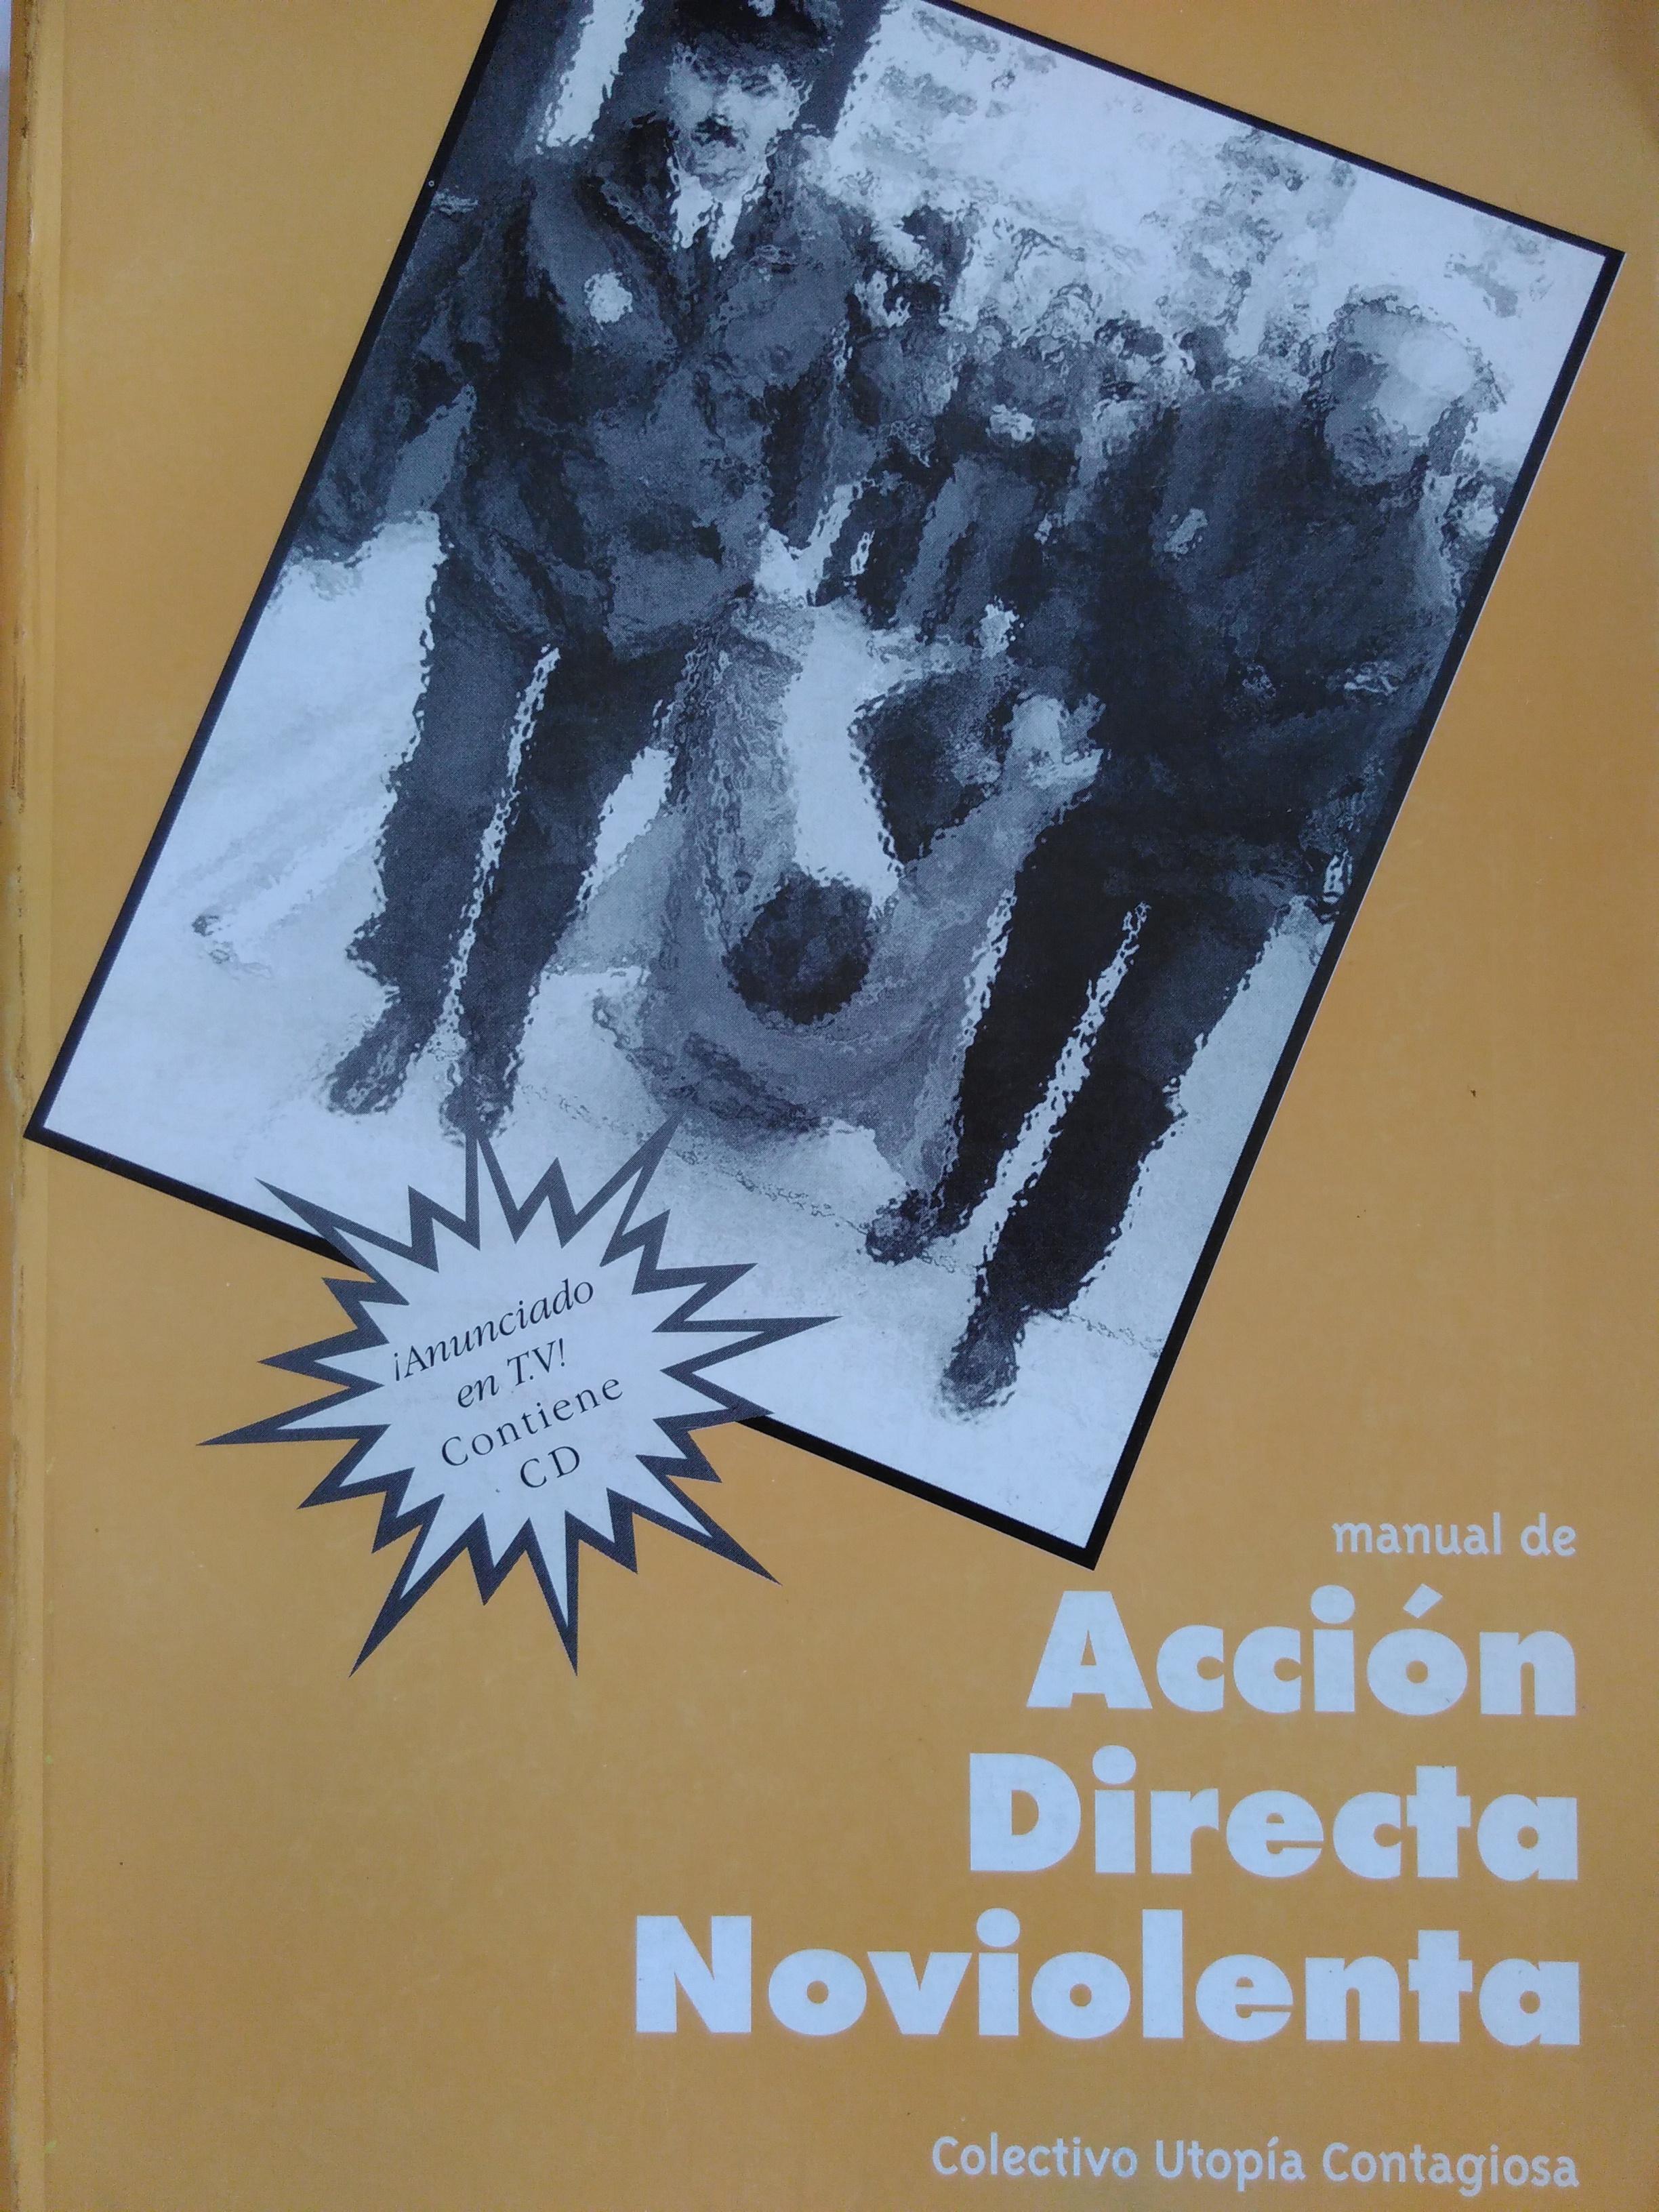 Manual de acción directa noviolenta. Colectivo Utopía Contagiosa. 2003